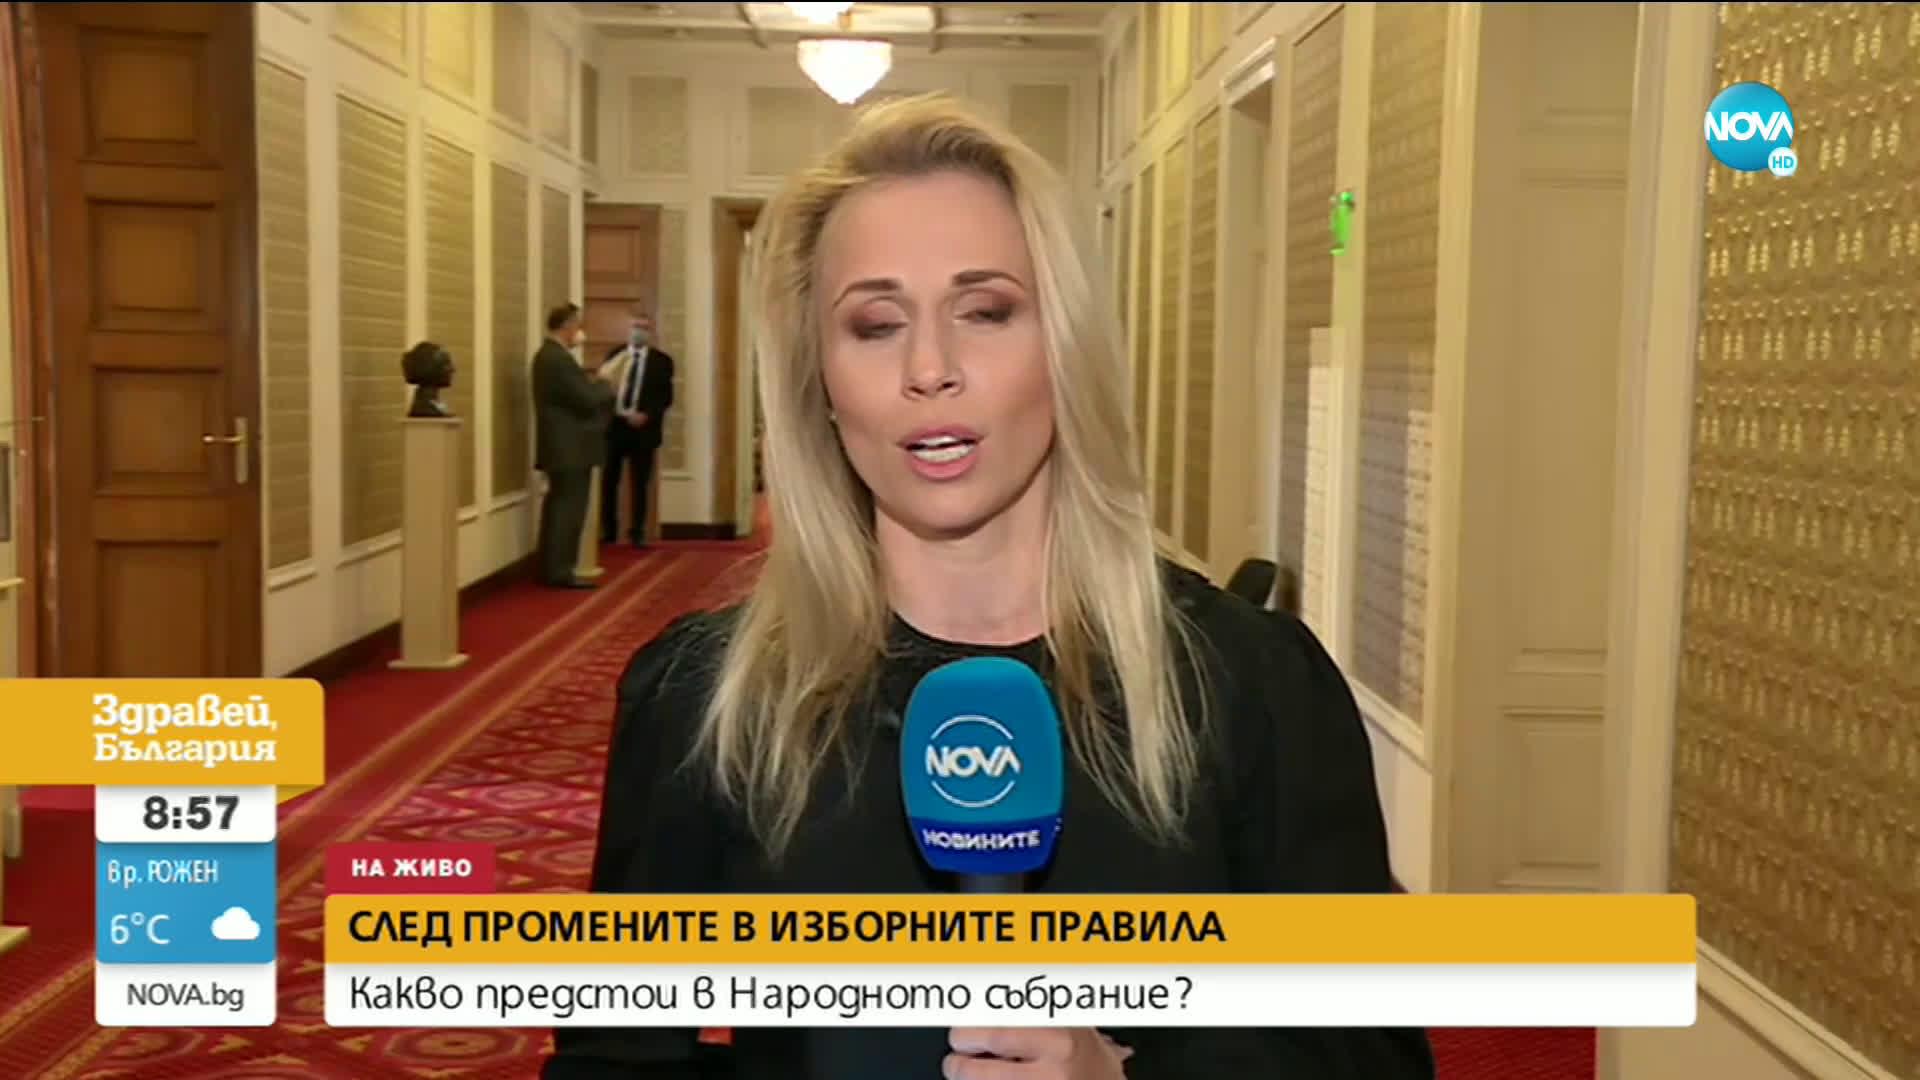 Народното събрание ще обсъди изменение на Закона за политическите партии